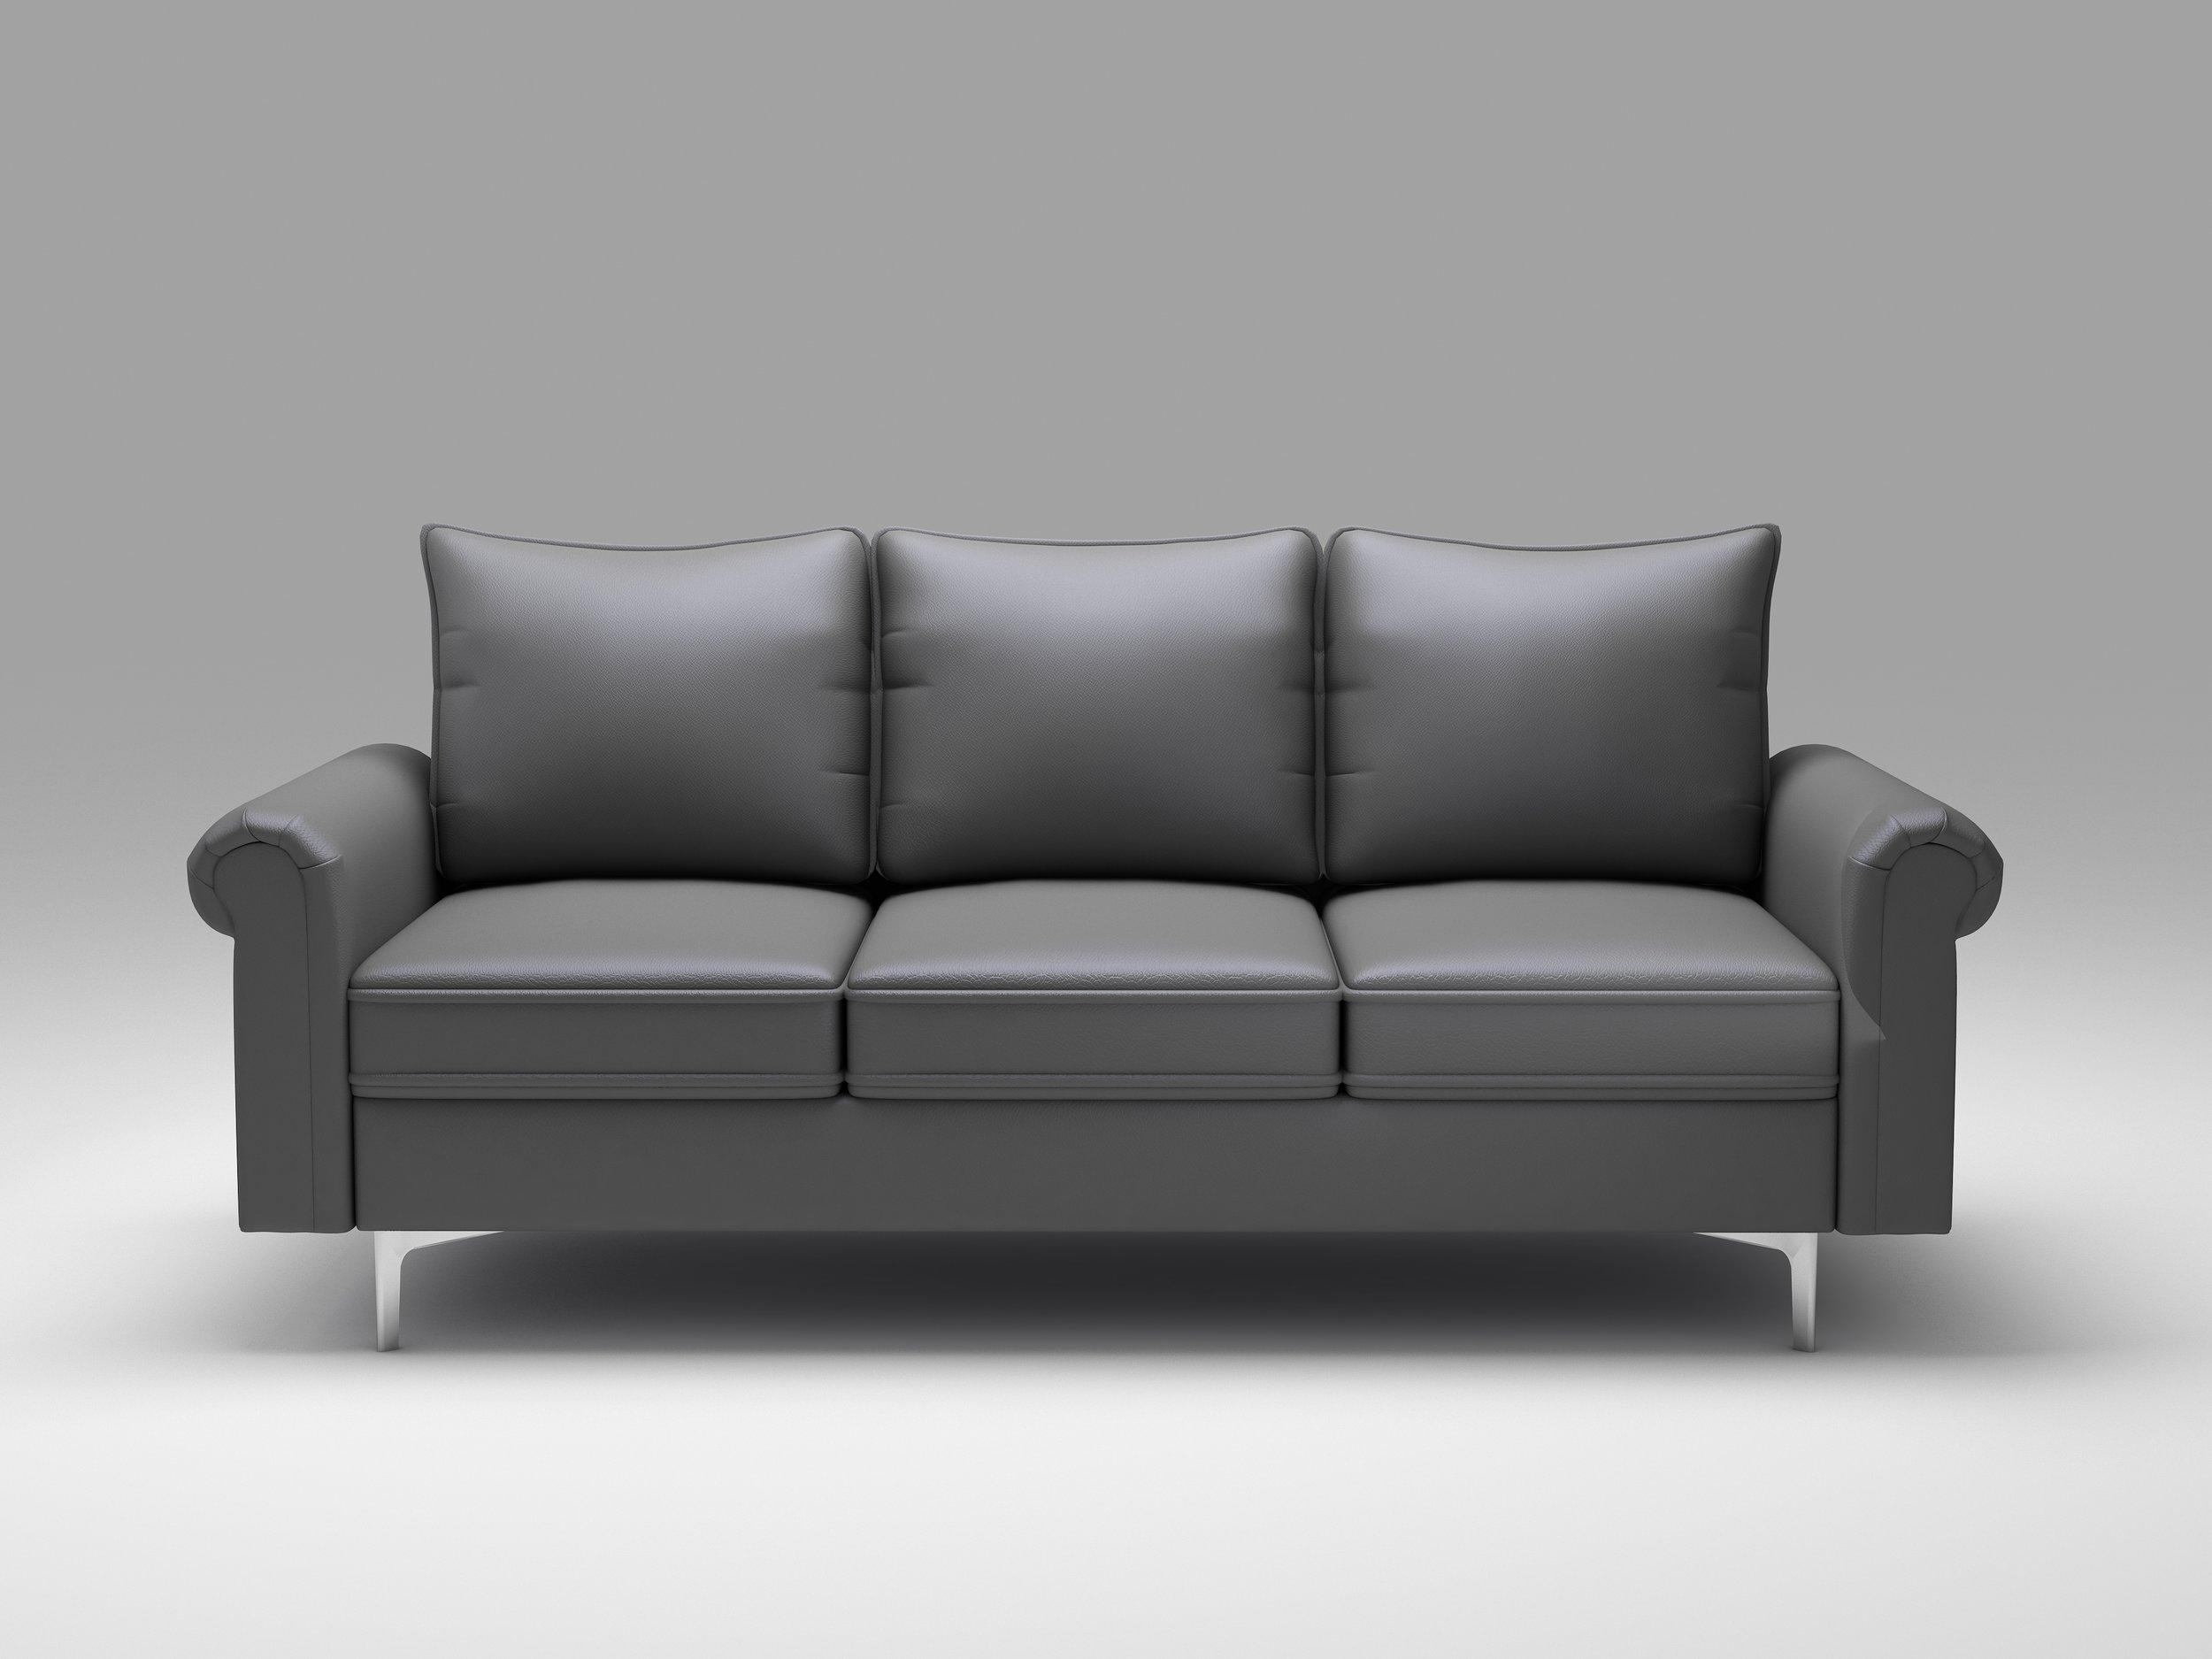 Queenshome Modern Beige Grey Leather